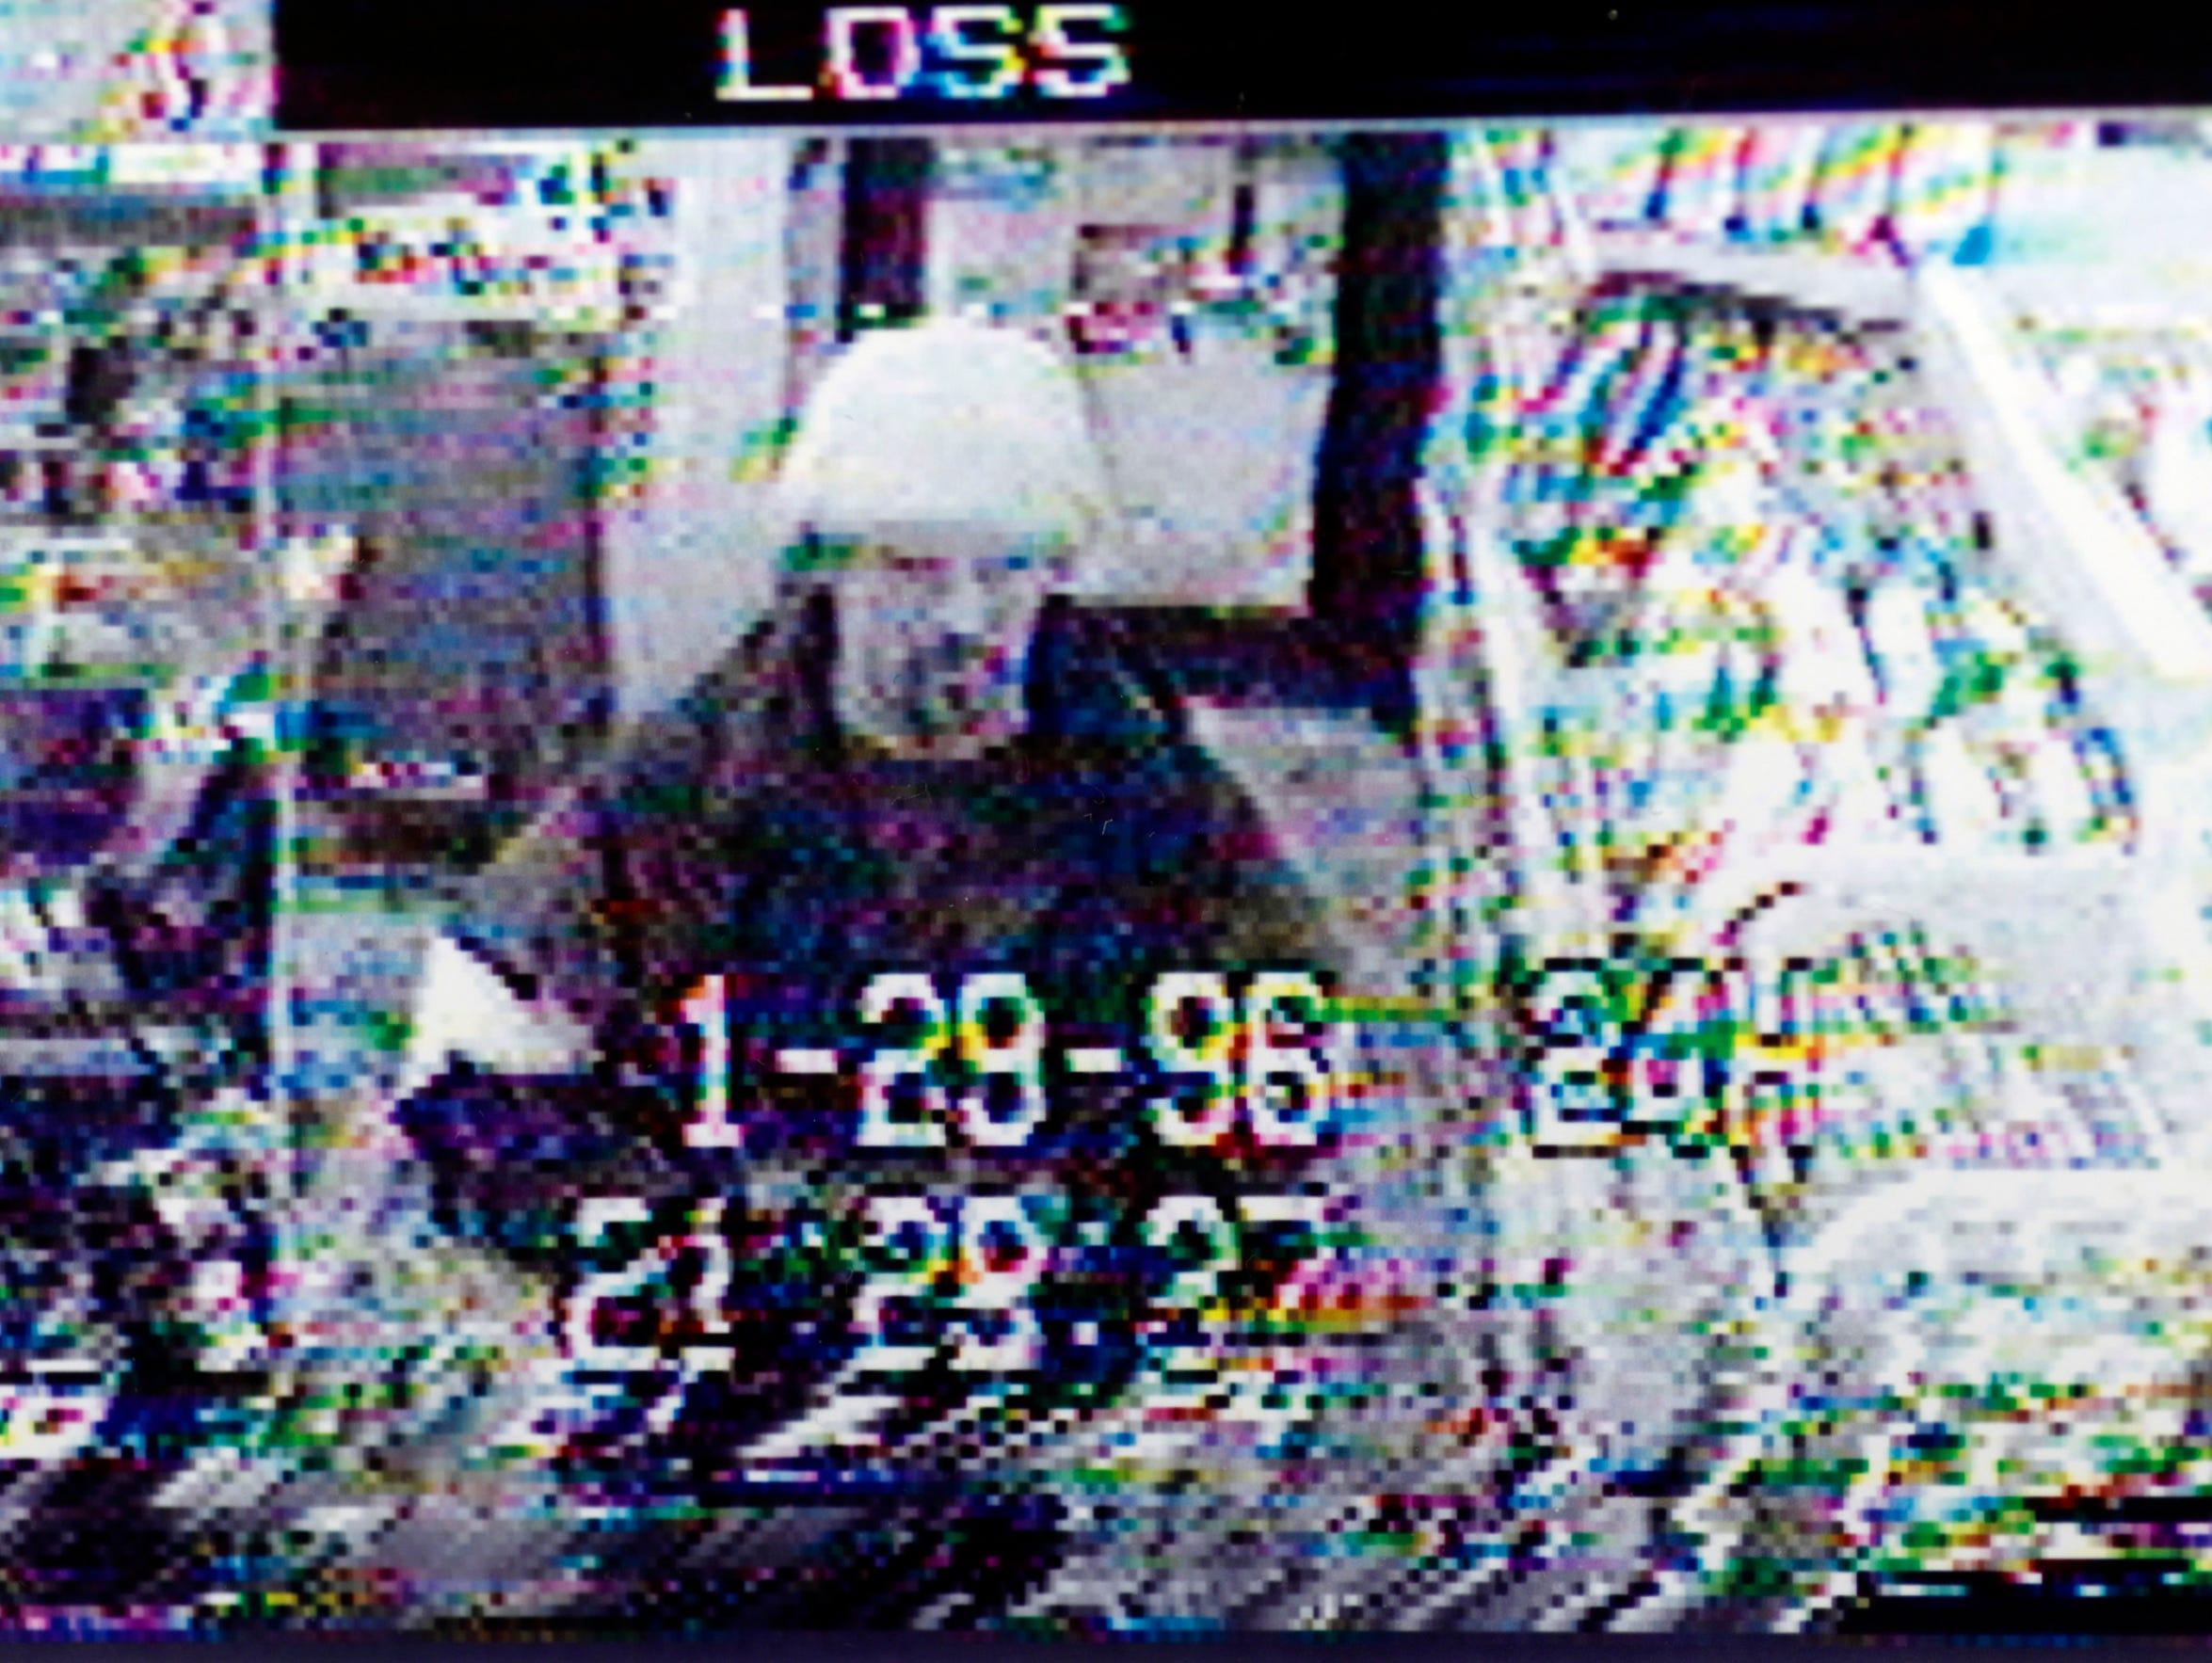 Ken Roering Jr. is seen in a surveillance photo from